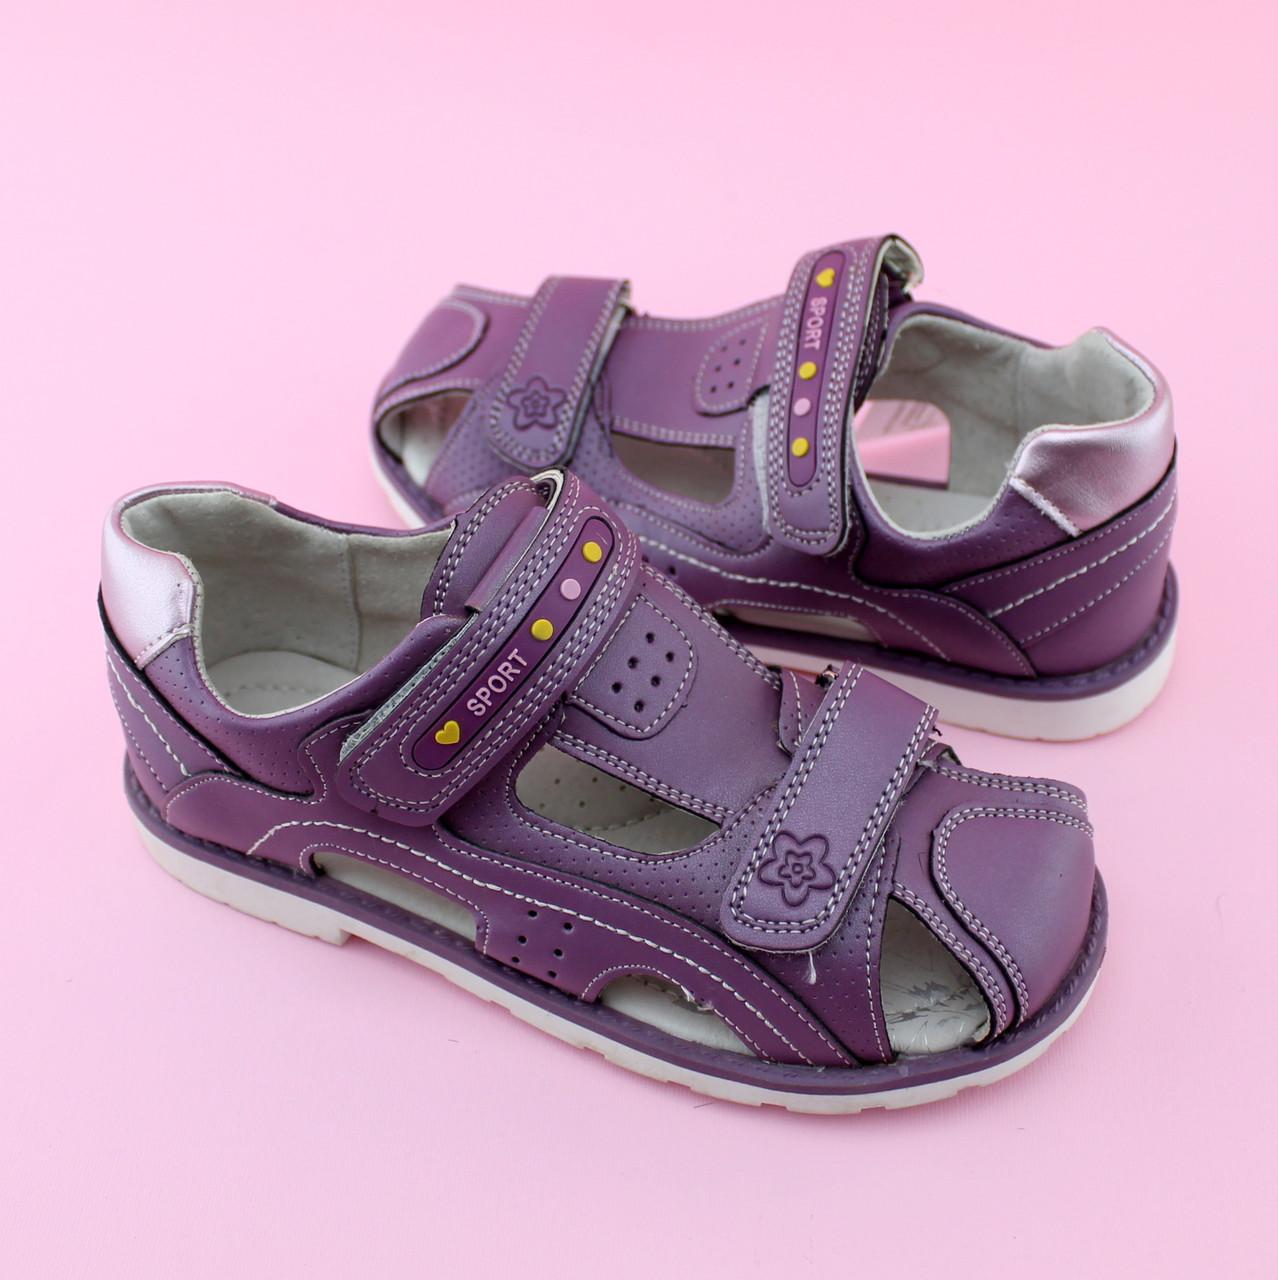 Босоножки детские на девочку серия летней обуви Ортопед Томм размер ... 4c4de8464af2b